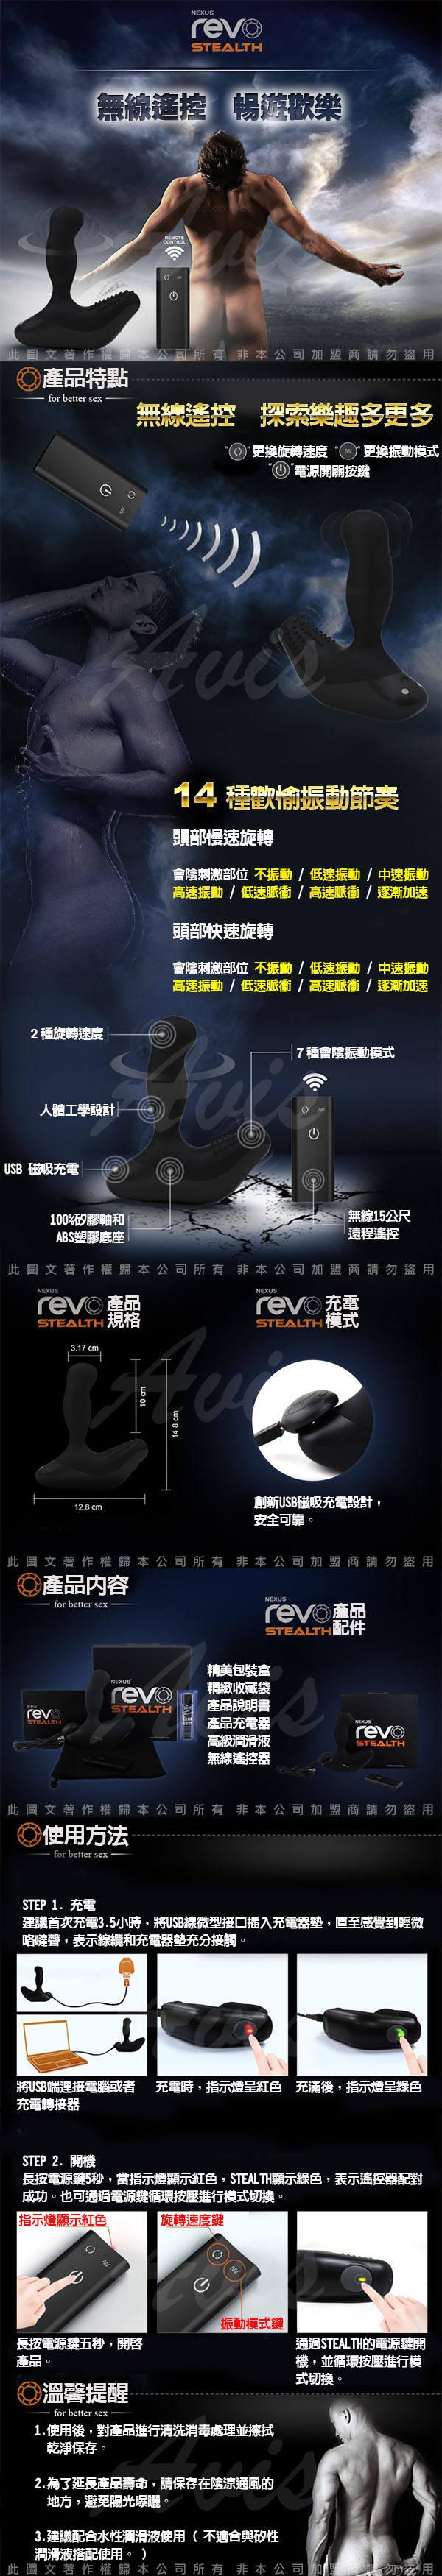 英國Nexus-Revo 3 雷沃三代 無線遙控 7X2段變頻 G點前列腺旋轉按摩棒-黑 (磁吸式充電型)